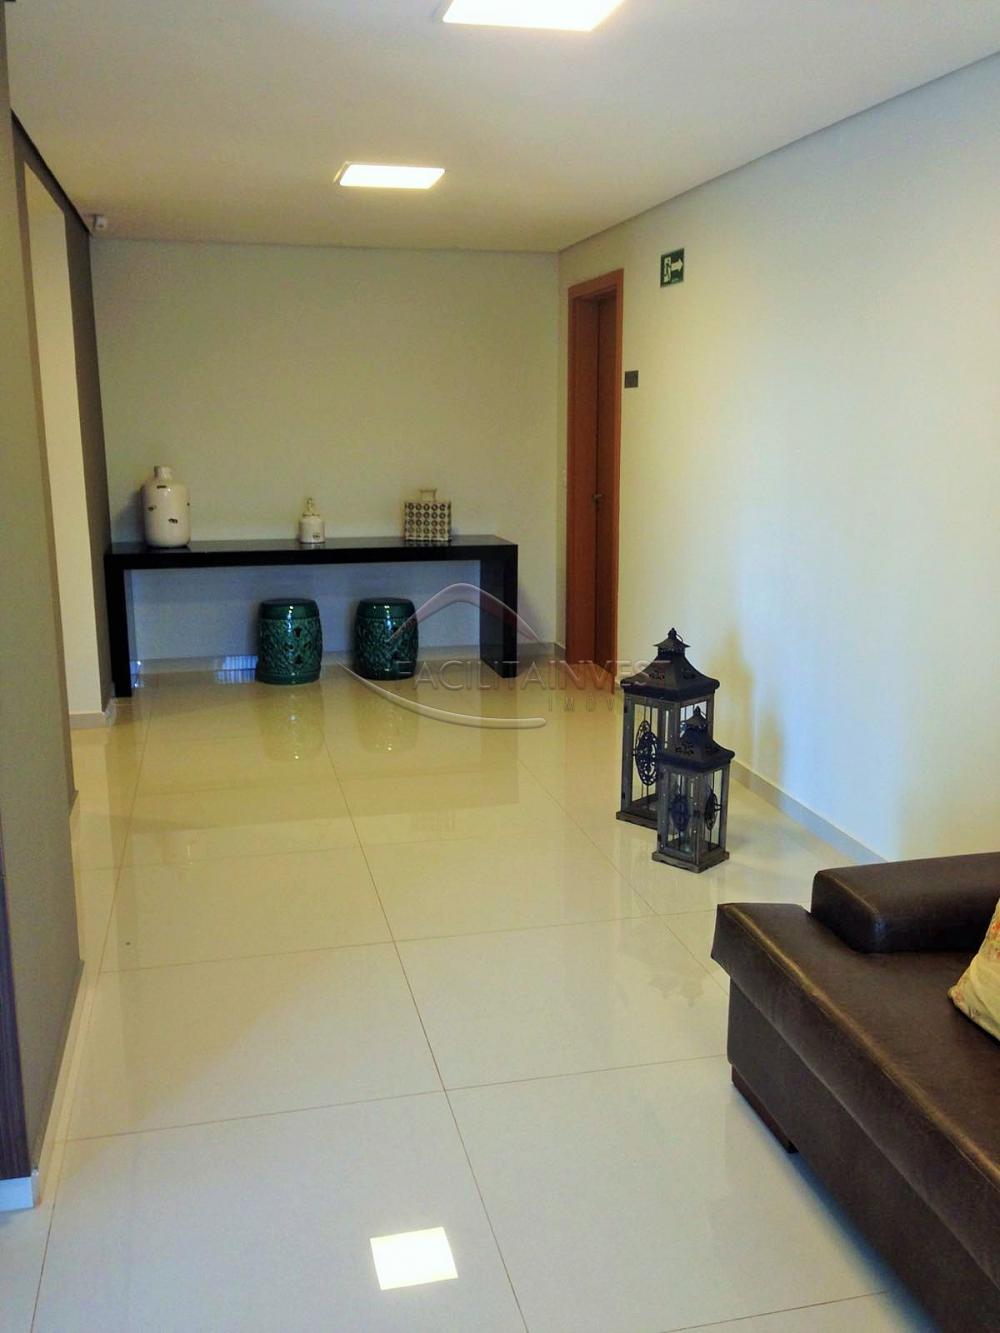 Alugar Apartamentos / Apart. Padrão em Ribeirão Preto apenas R$ 1.900,00 - Foto 3